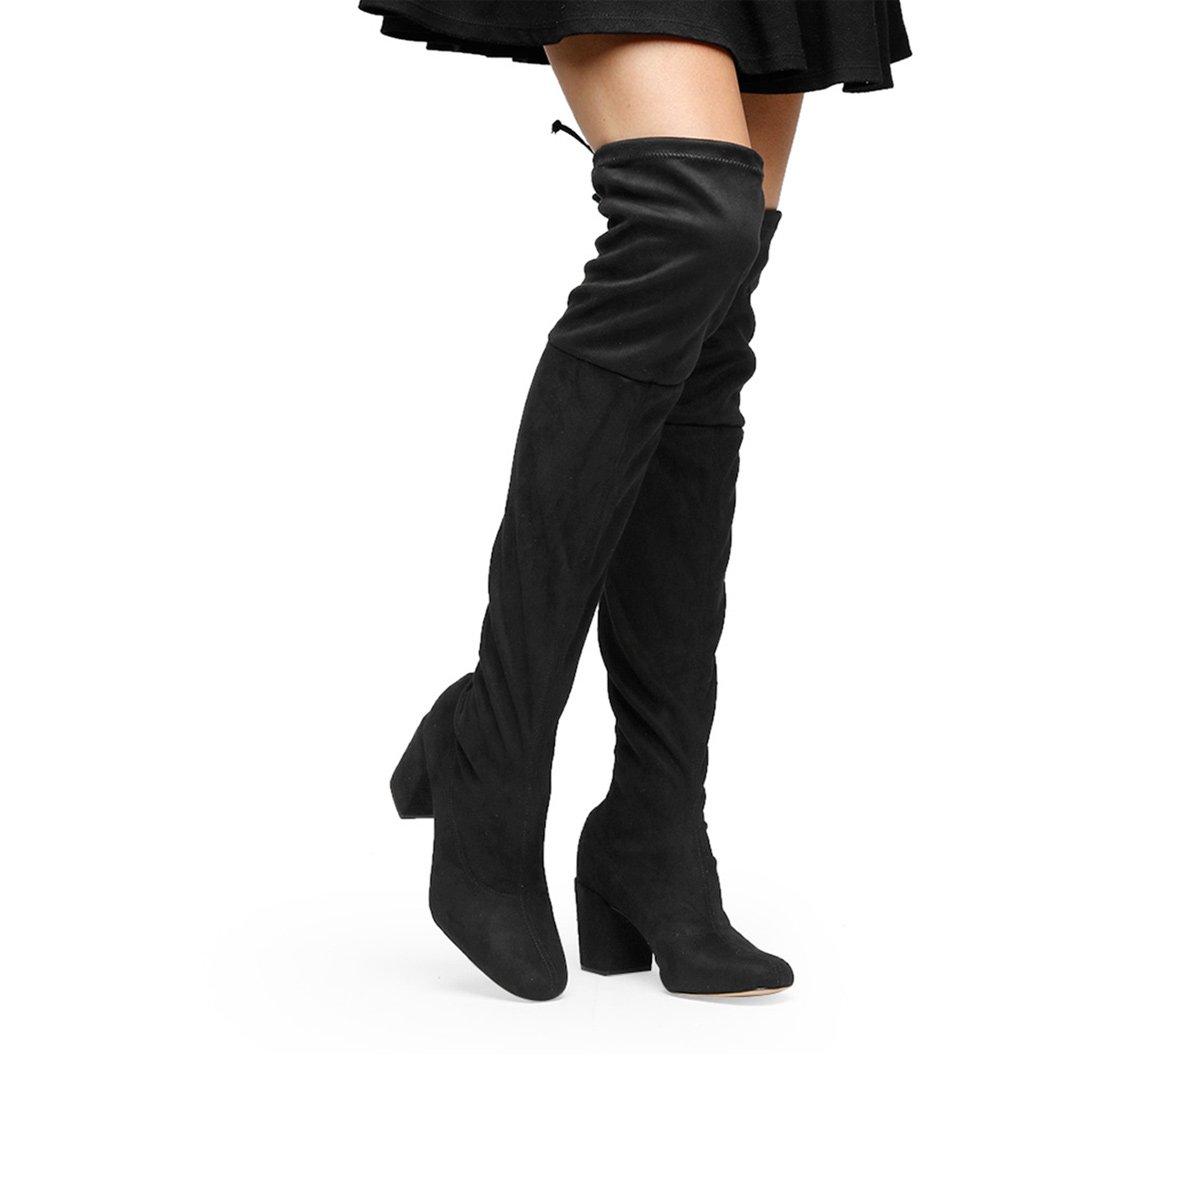 9521669e1 Bota Meia Over The Knee Shoestock Salto Grosso Feminina | Shoestock